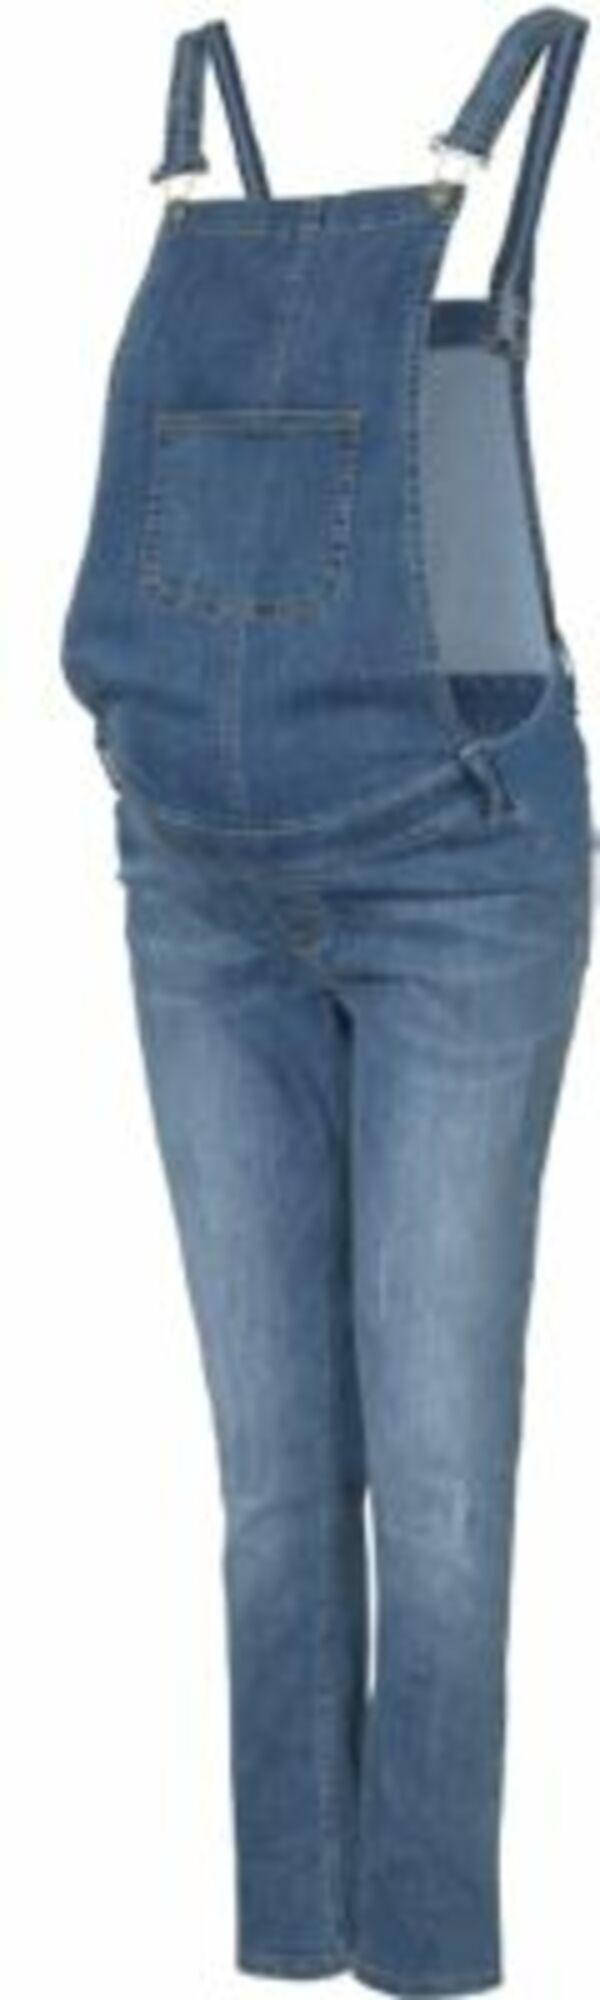 Umstandslatzhose blau Gr. 34 Damen Kinder